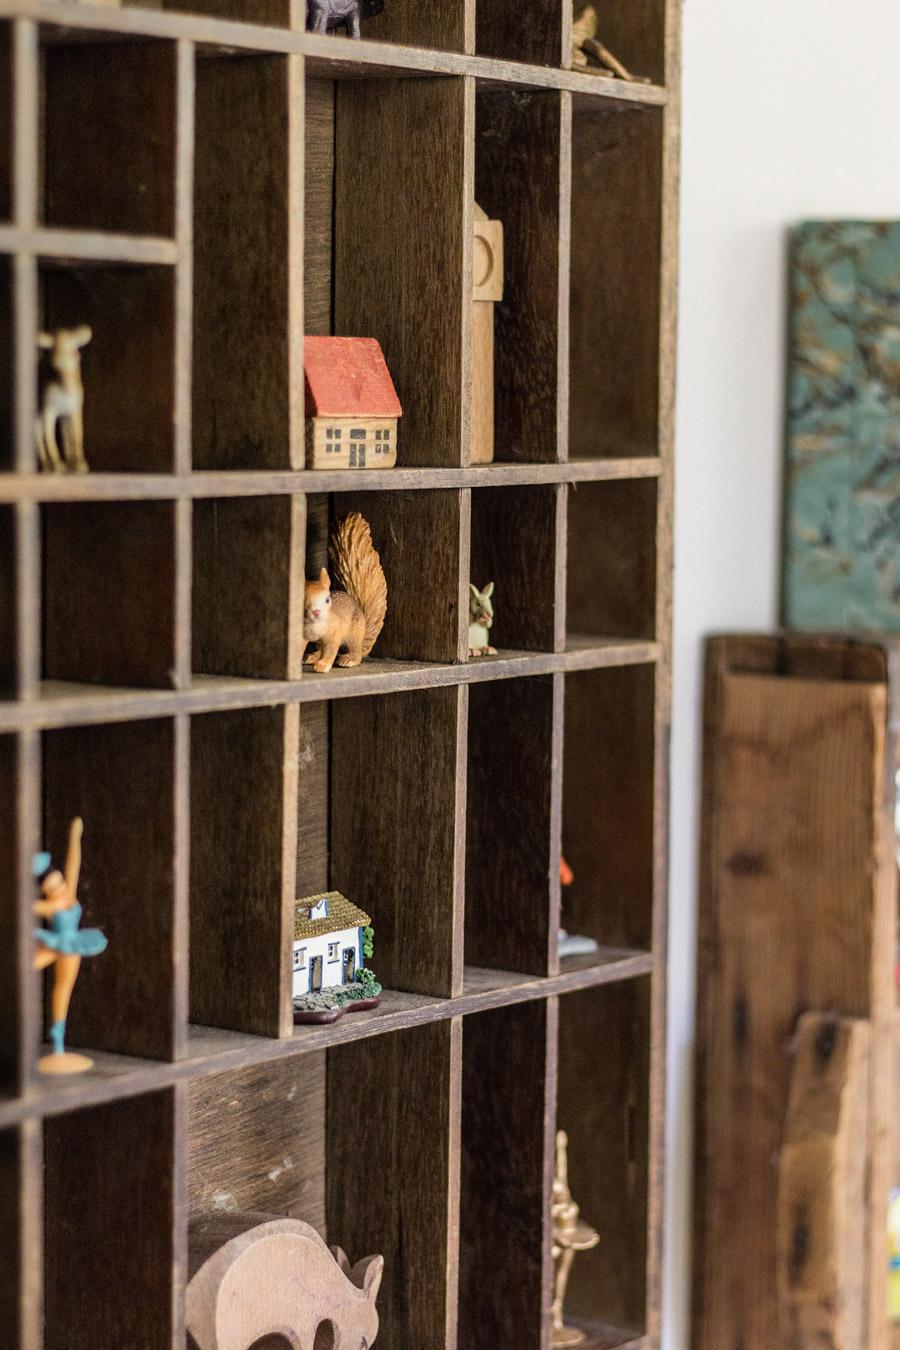 סטיילינג חדר ילדים | בית עץ עם דמויות | עיצוב וסטיילינג: קרן בר | צילום: שירה גנני | בלוג סימני דרך | naamasimanim.co.il